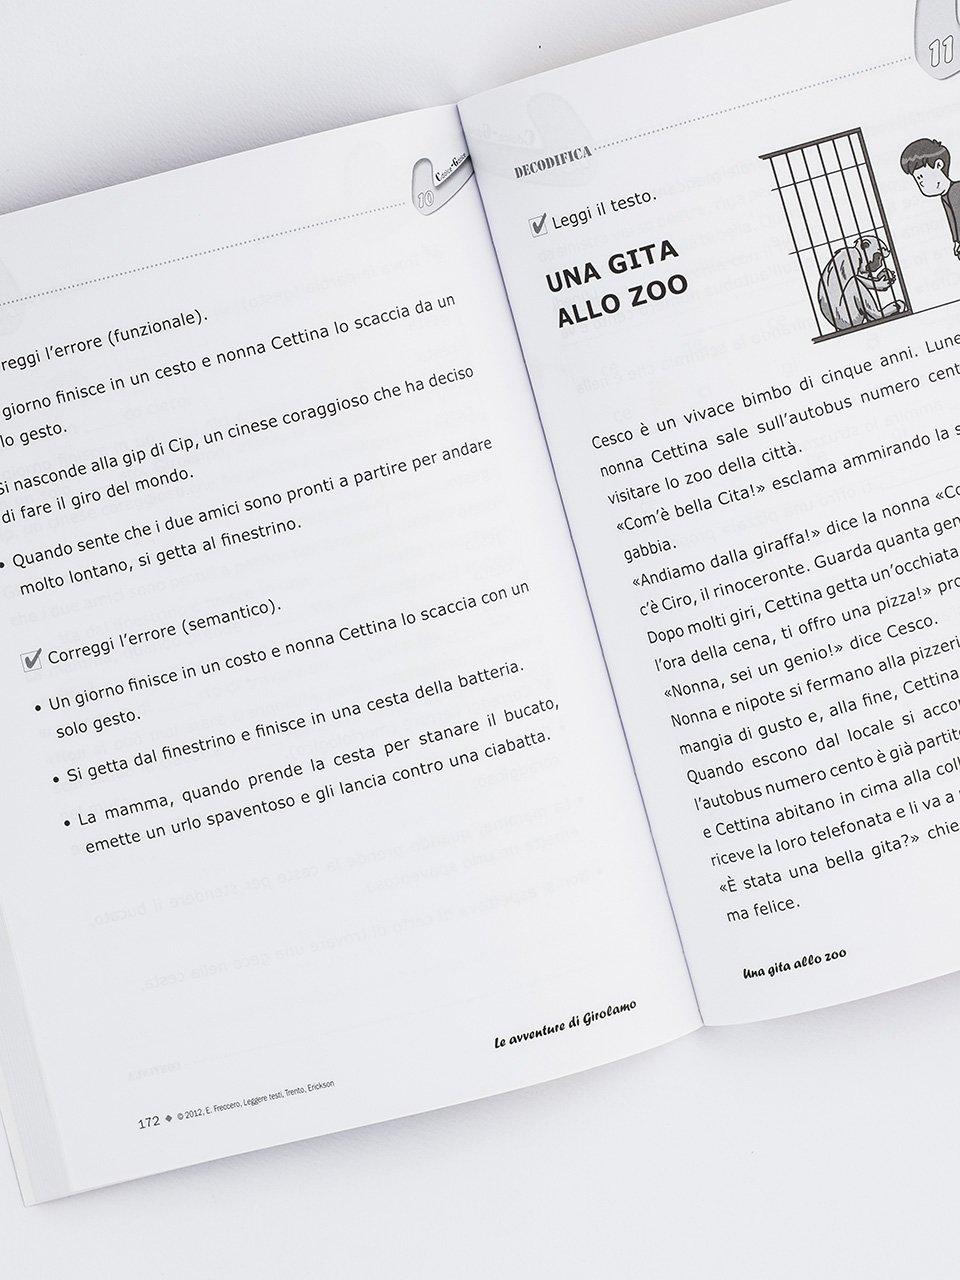 Leggere testi - Libri - App e software - Erickson 6